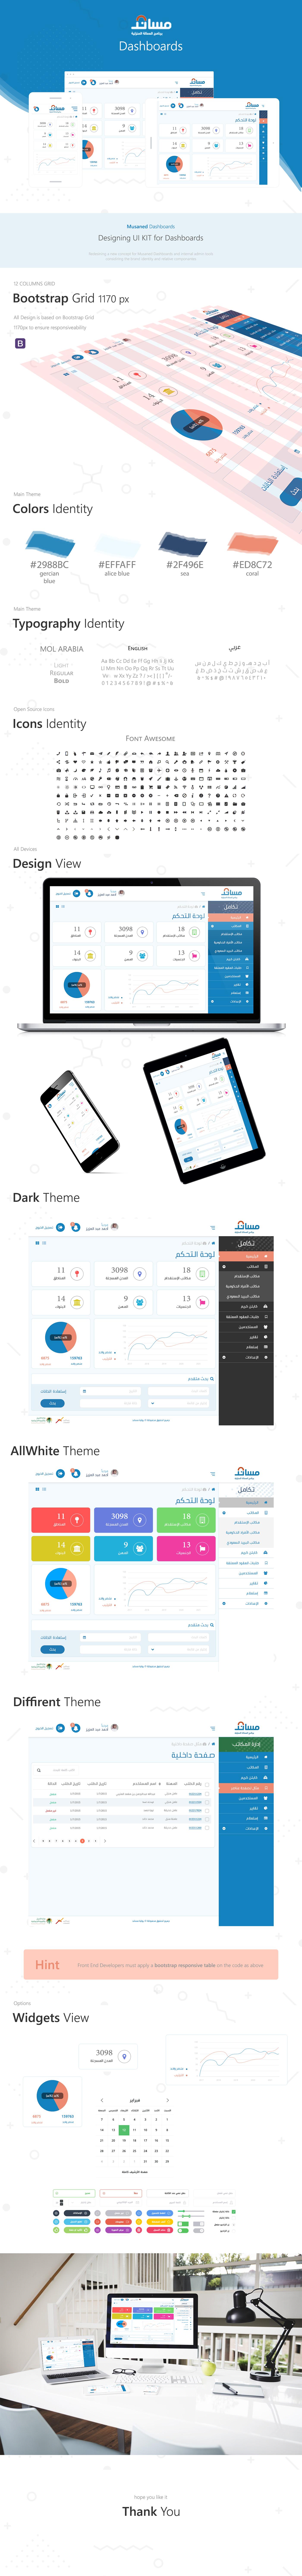 dashboard admin tool Musaned ministry of labor KSA design ux UI Web Design  Ahmed Faris